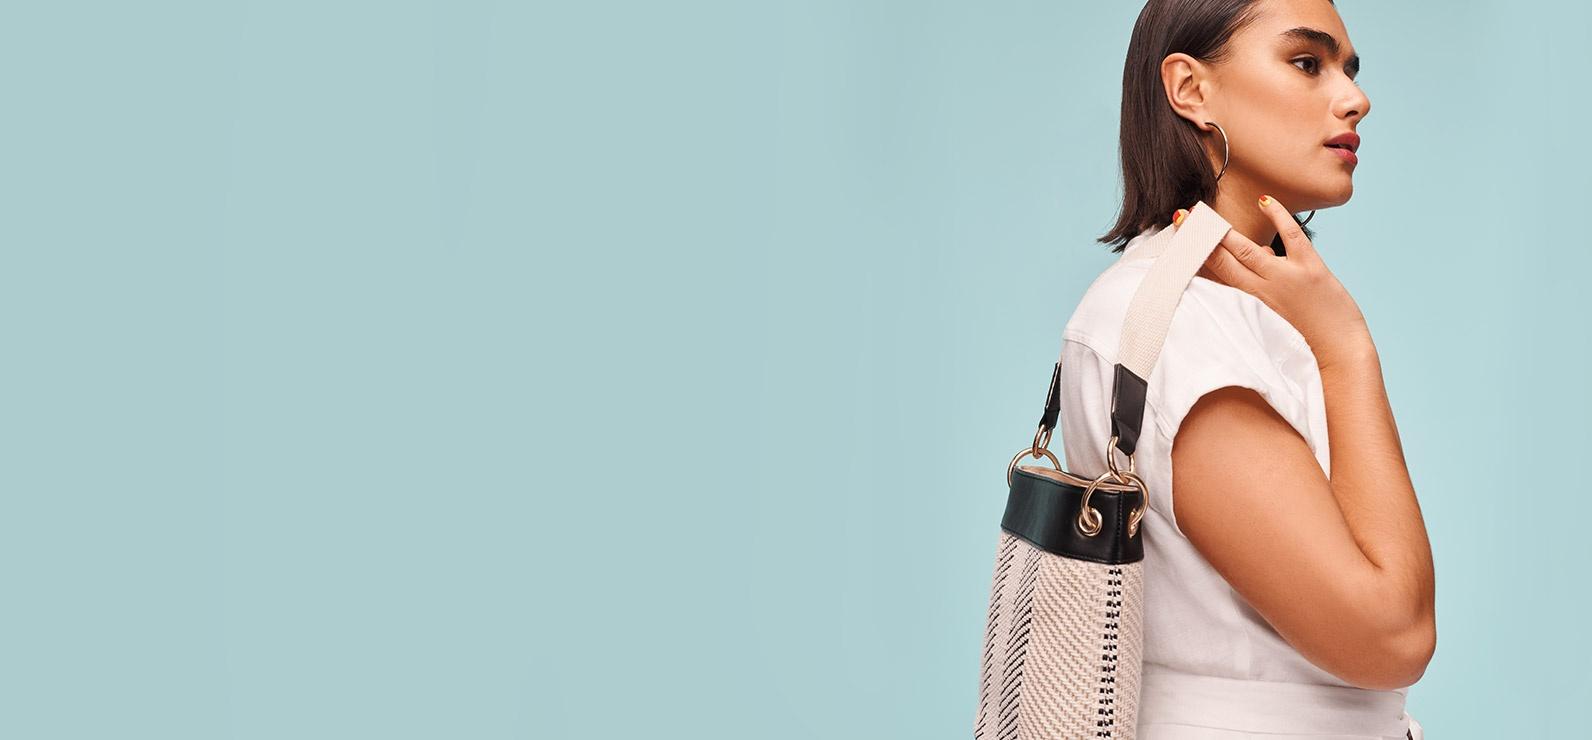 abfc5530cb1d3e Handbags